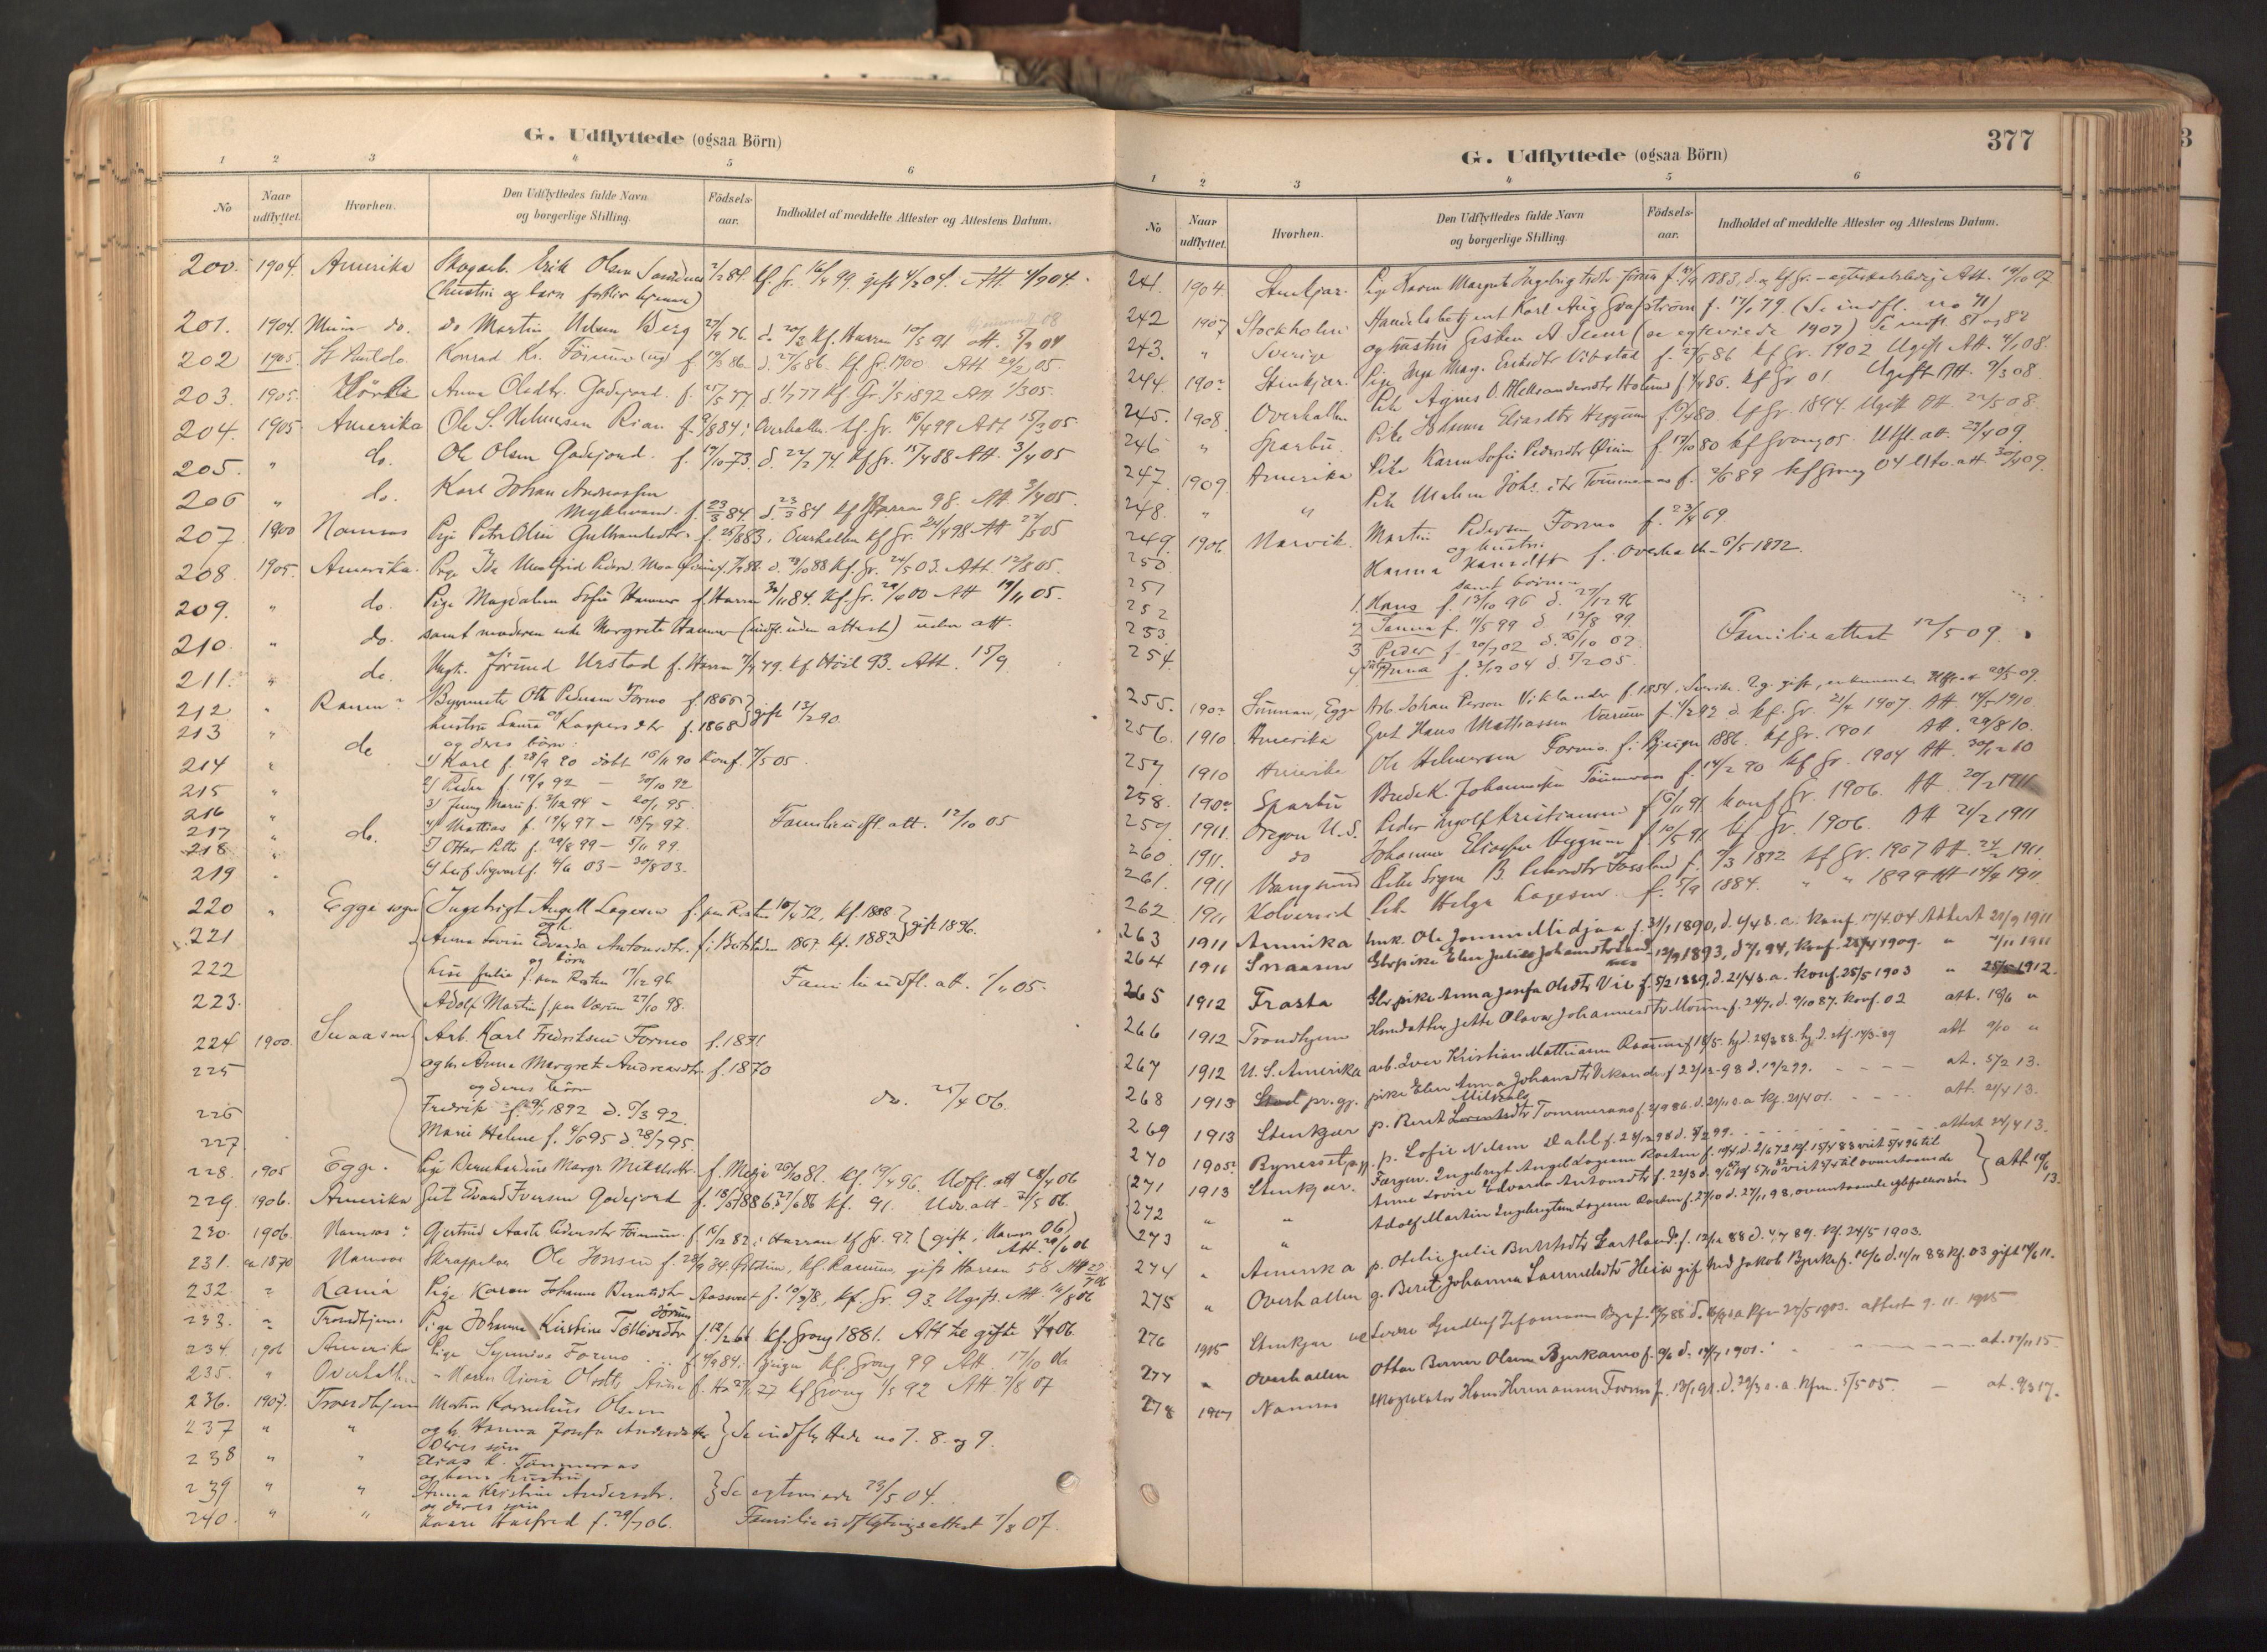 SAT, Ministerialprotokoller, klokkerbøker og fødselsregistre - Nord-Trøndelag, 758/L0519: Ministerialbok nr. 758A04, 1880-1926, s. 377